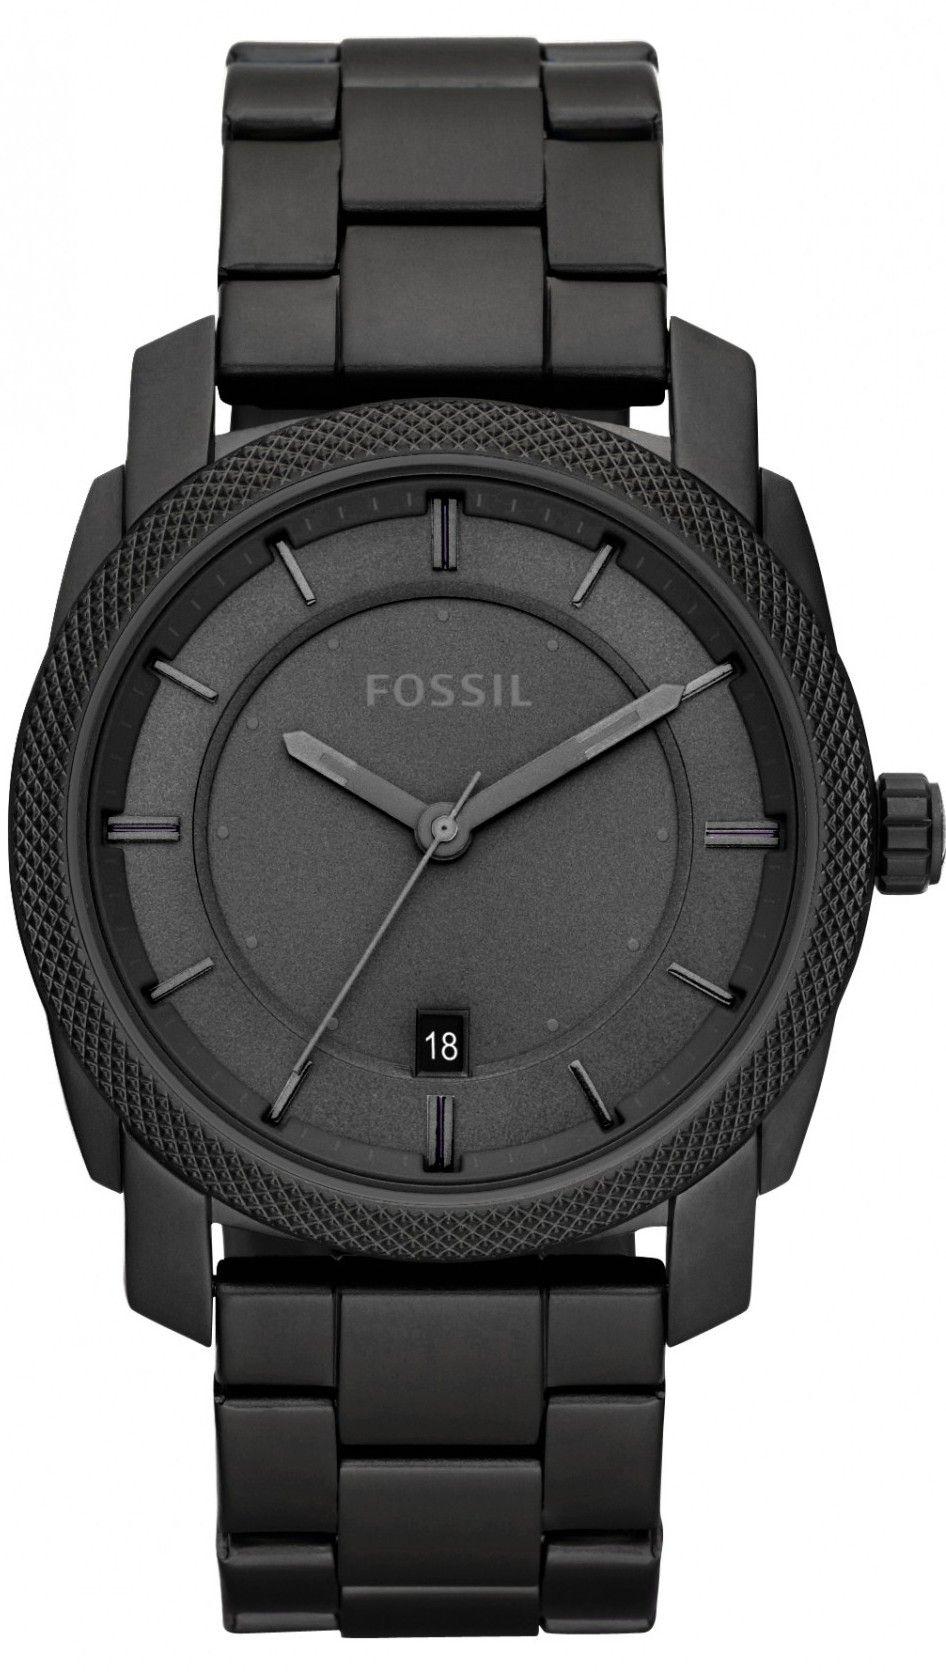 fossil fs4704 black stainless steel watch < 85 17 > fossil watch fossil fs4704 black stainless steel watch < 85 17 > fossil watch men paul wants a black